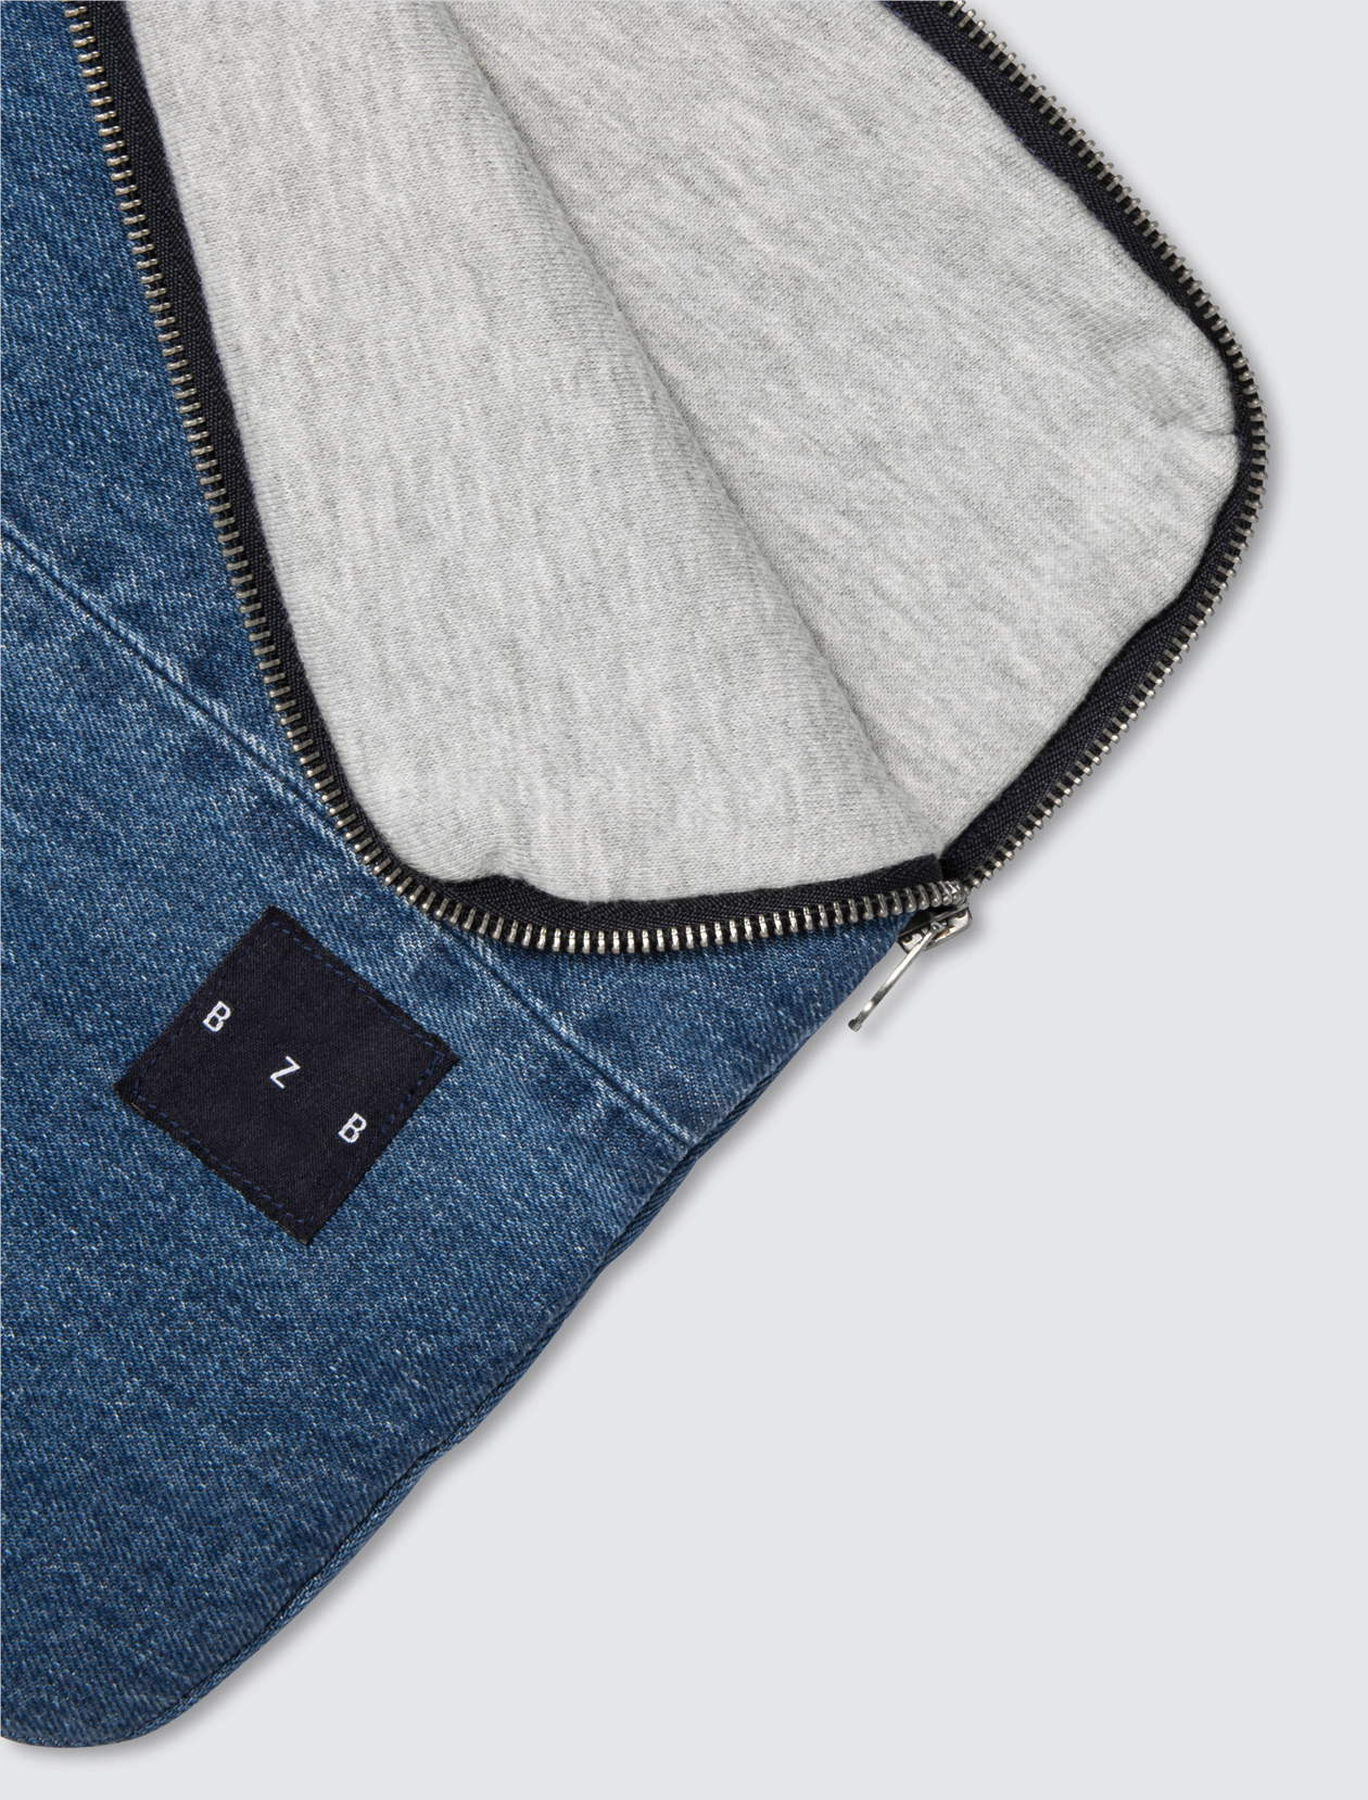 Pochette ordinateur en jean doublée en molleton